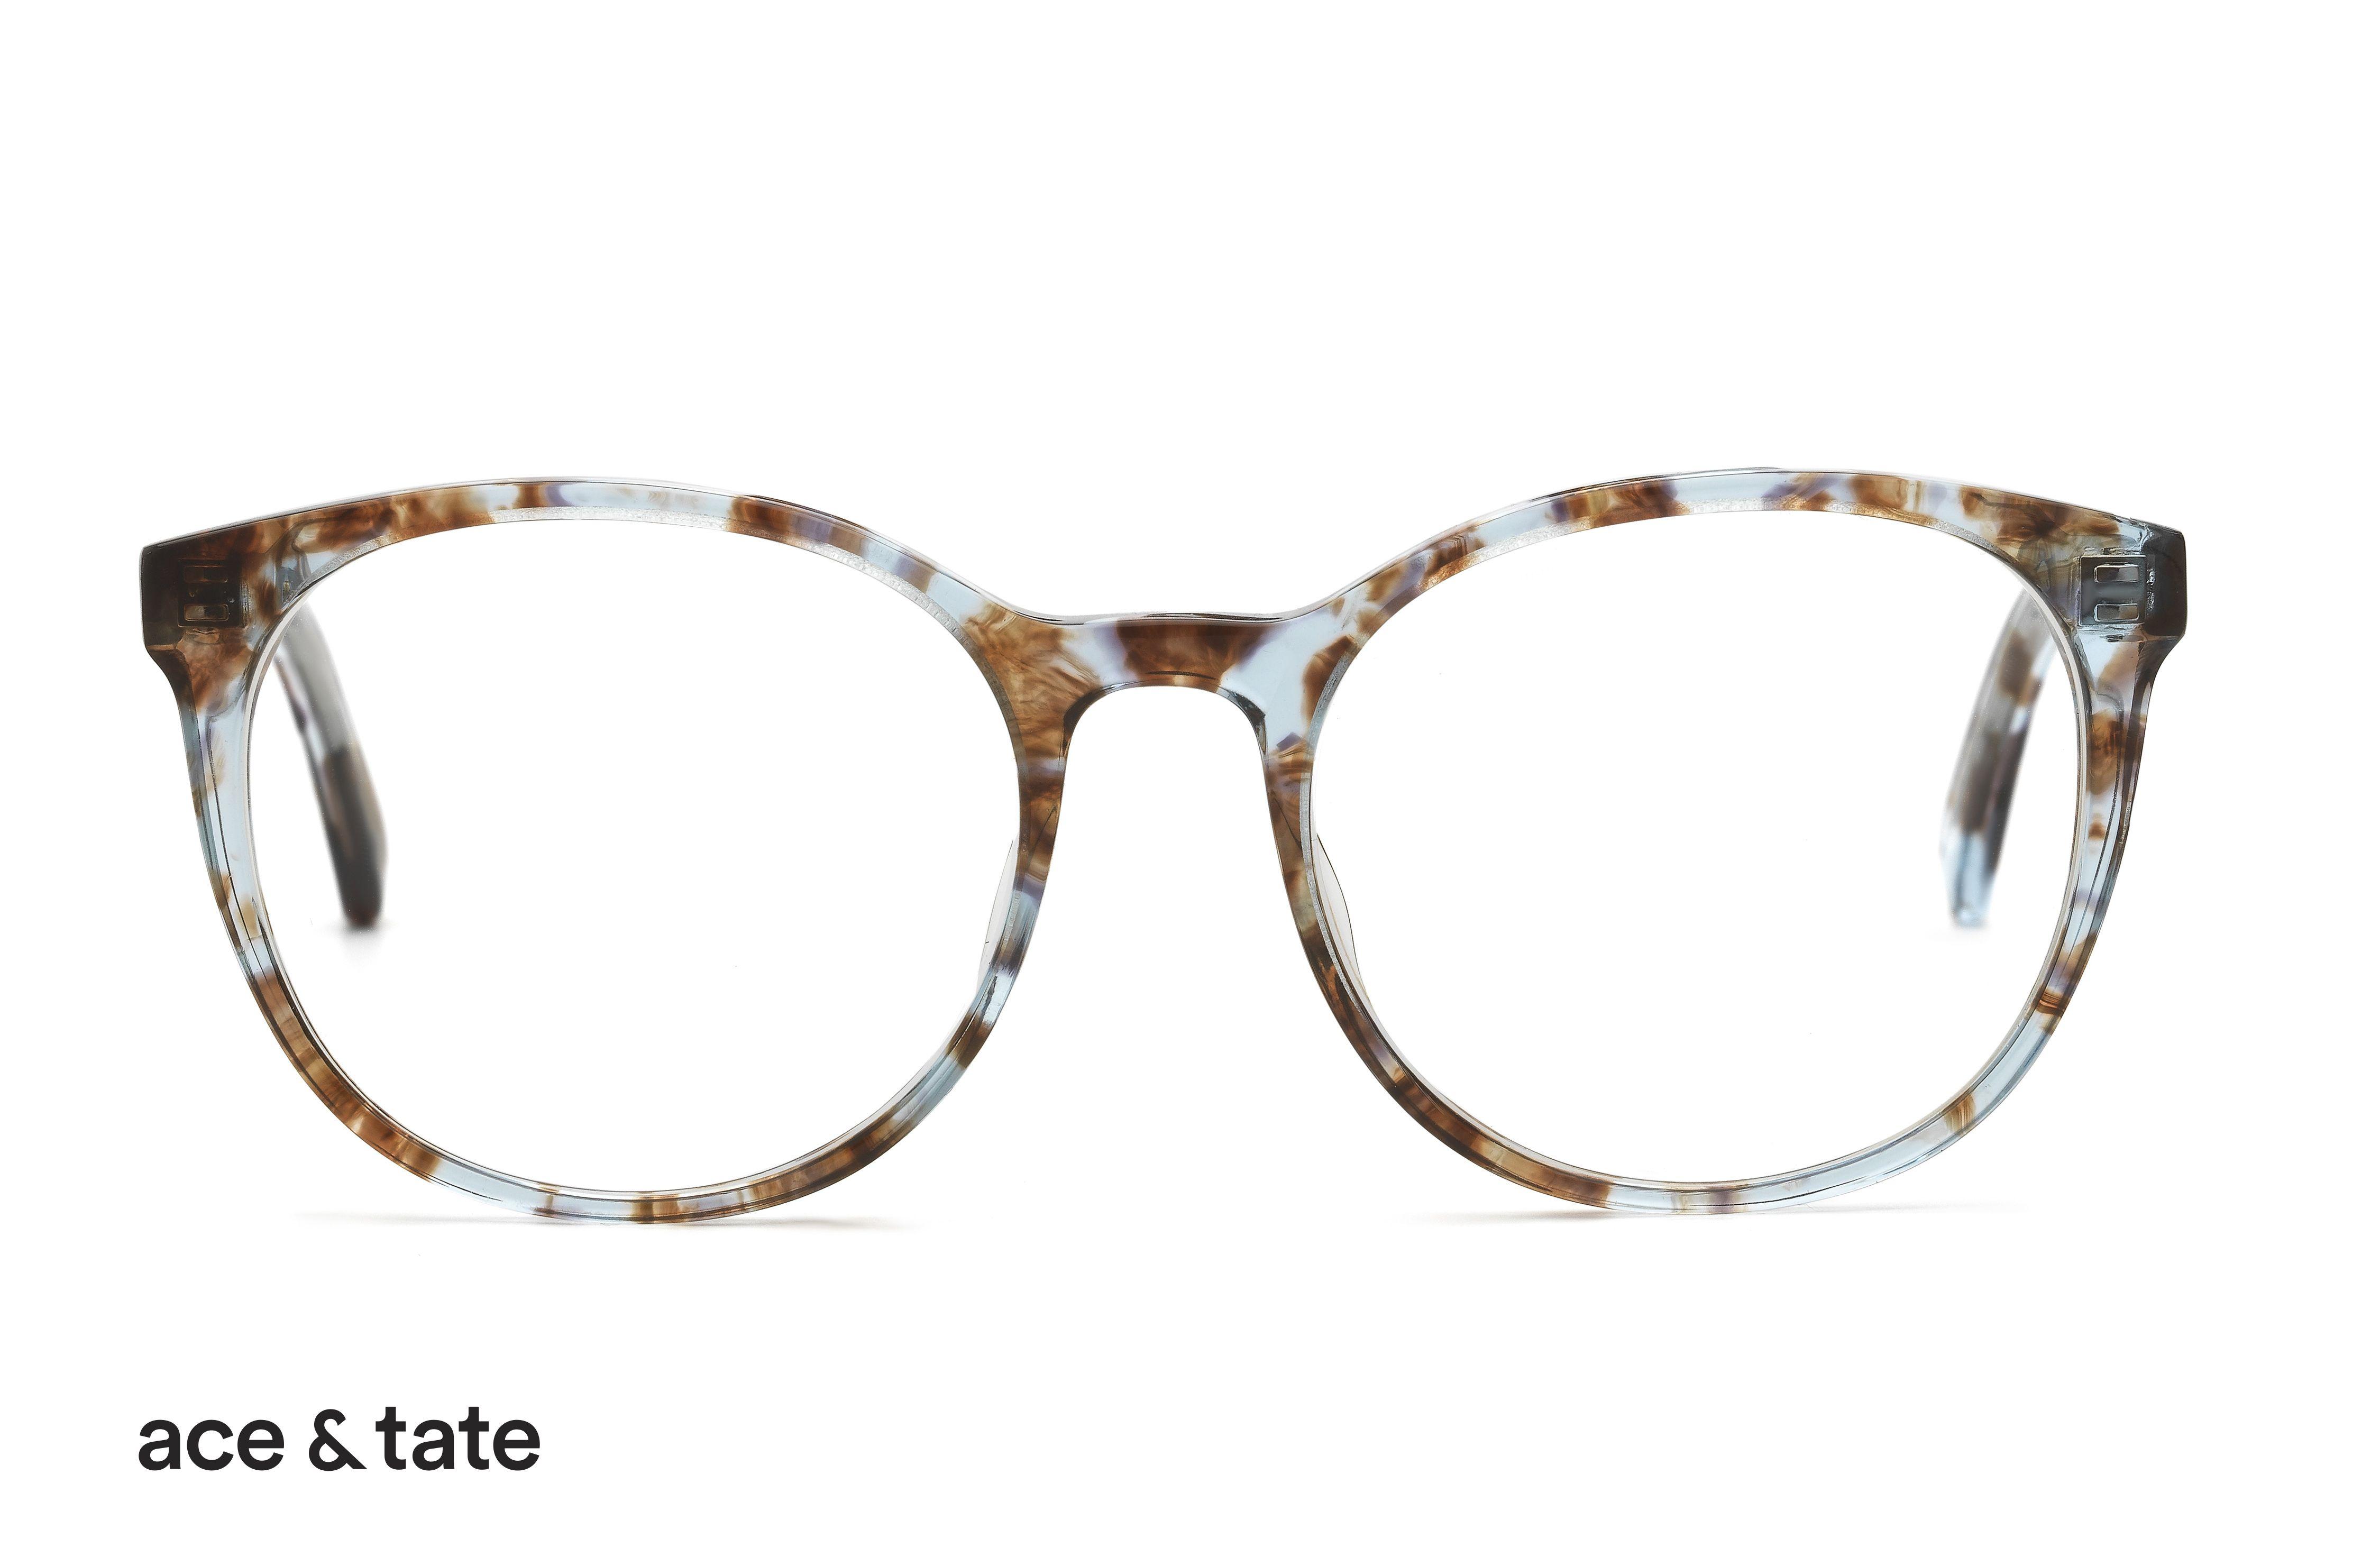 aa7a41ada4d0b0 Calvin Klein CK 5939 669 Brillen online bestellen. Kostenlose Lieferung und 30  Tage Geld-zurück-Garantie.